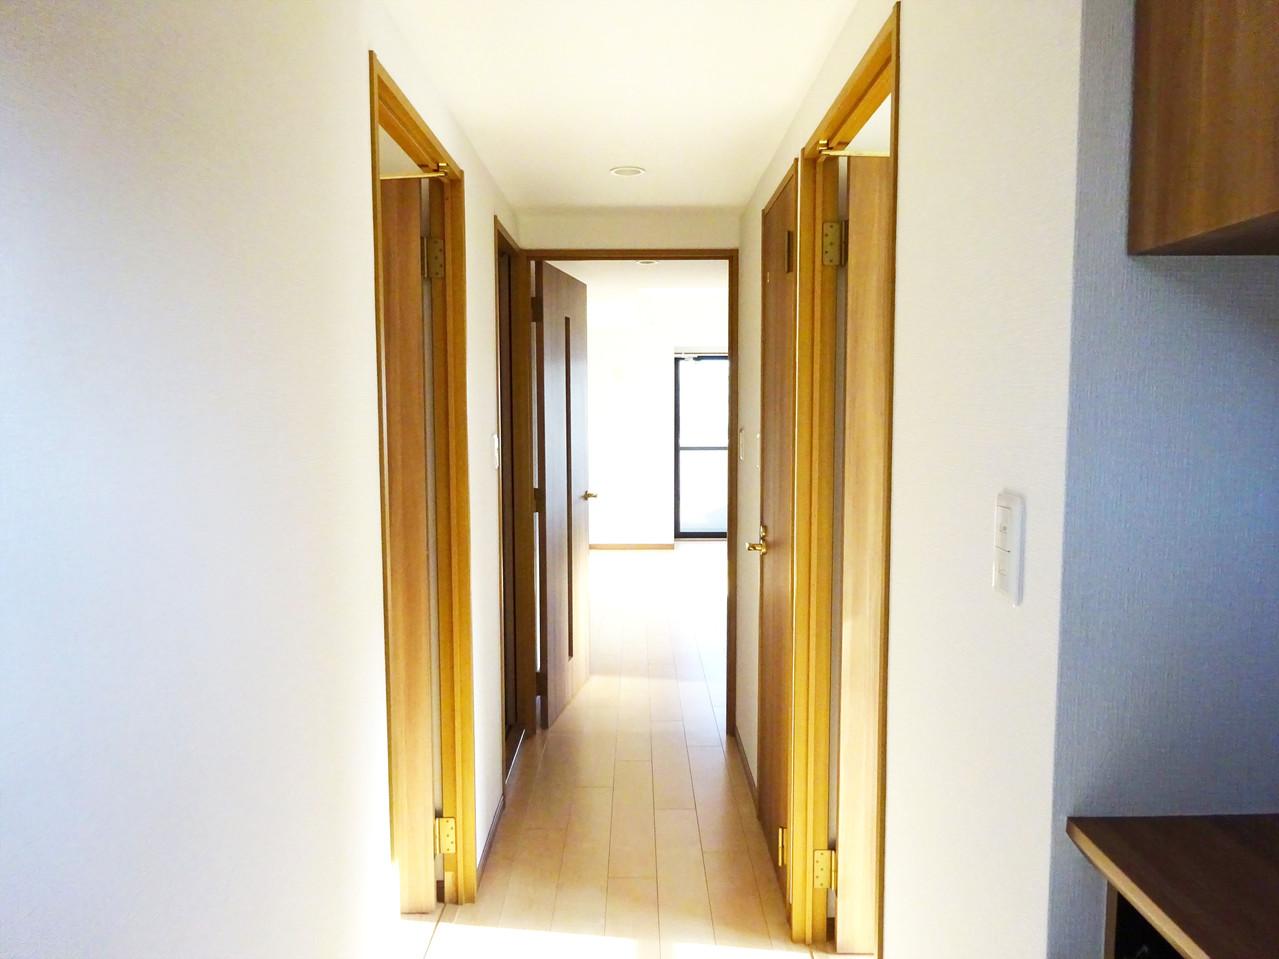 いってきます♪ただいま♪明るい声が聞こえてきそうな玄関。ナチュラルなカラーがとても清潔感のある造りです♪